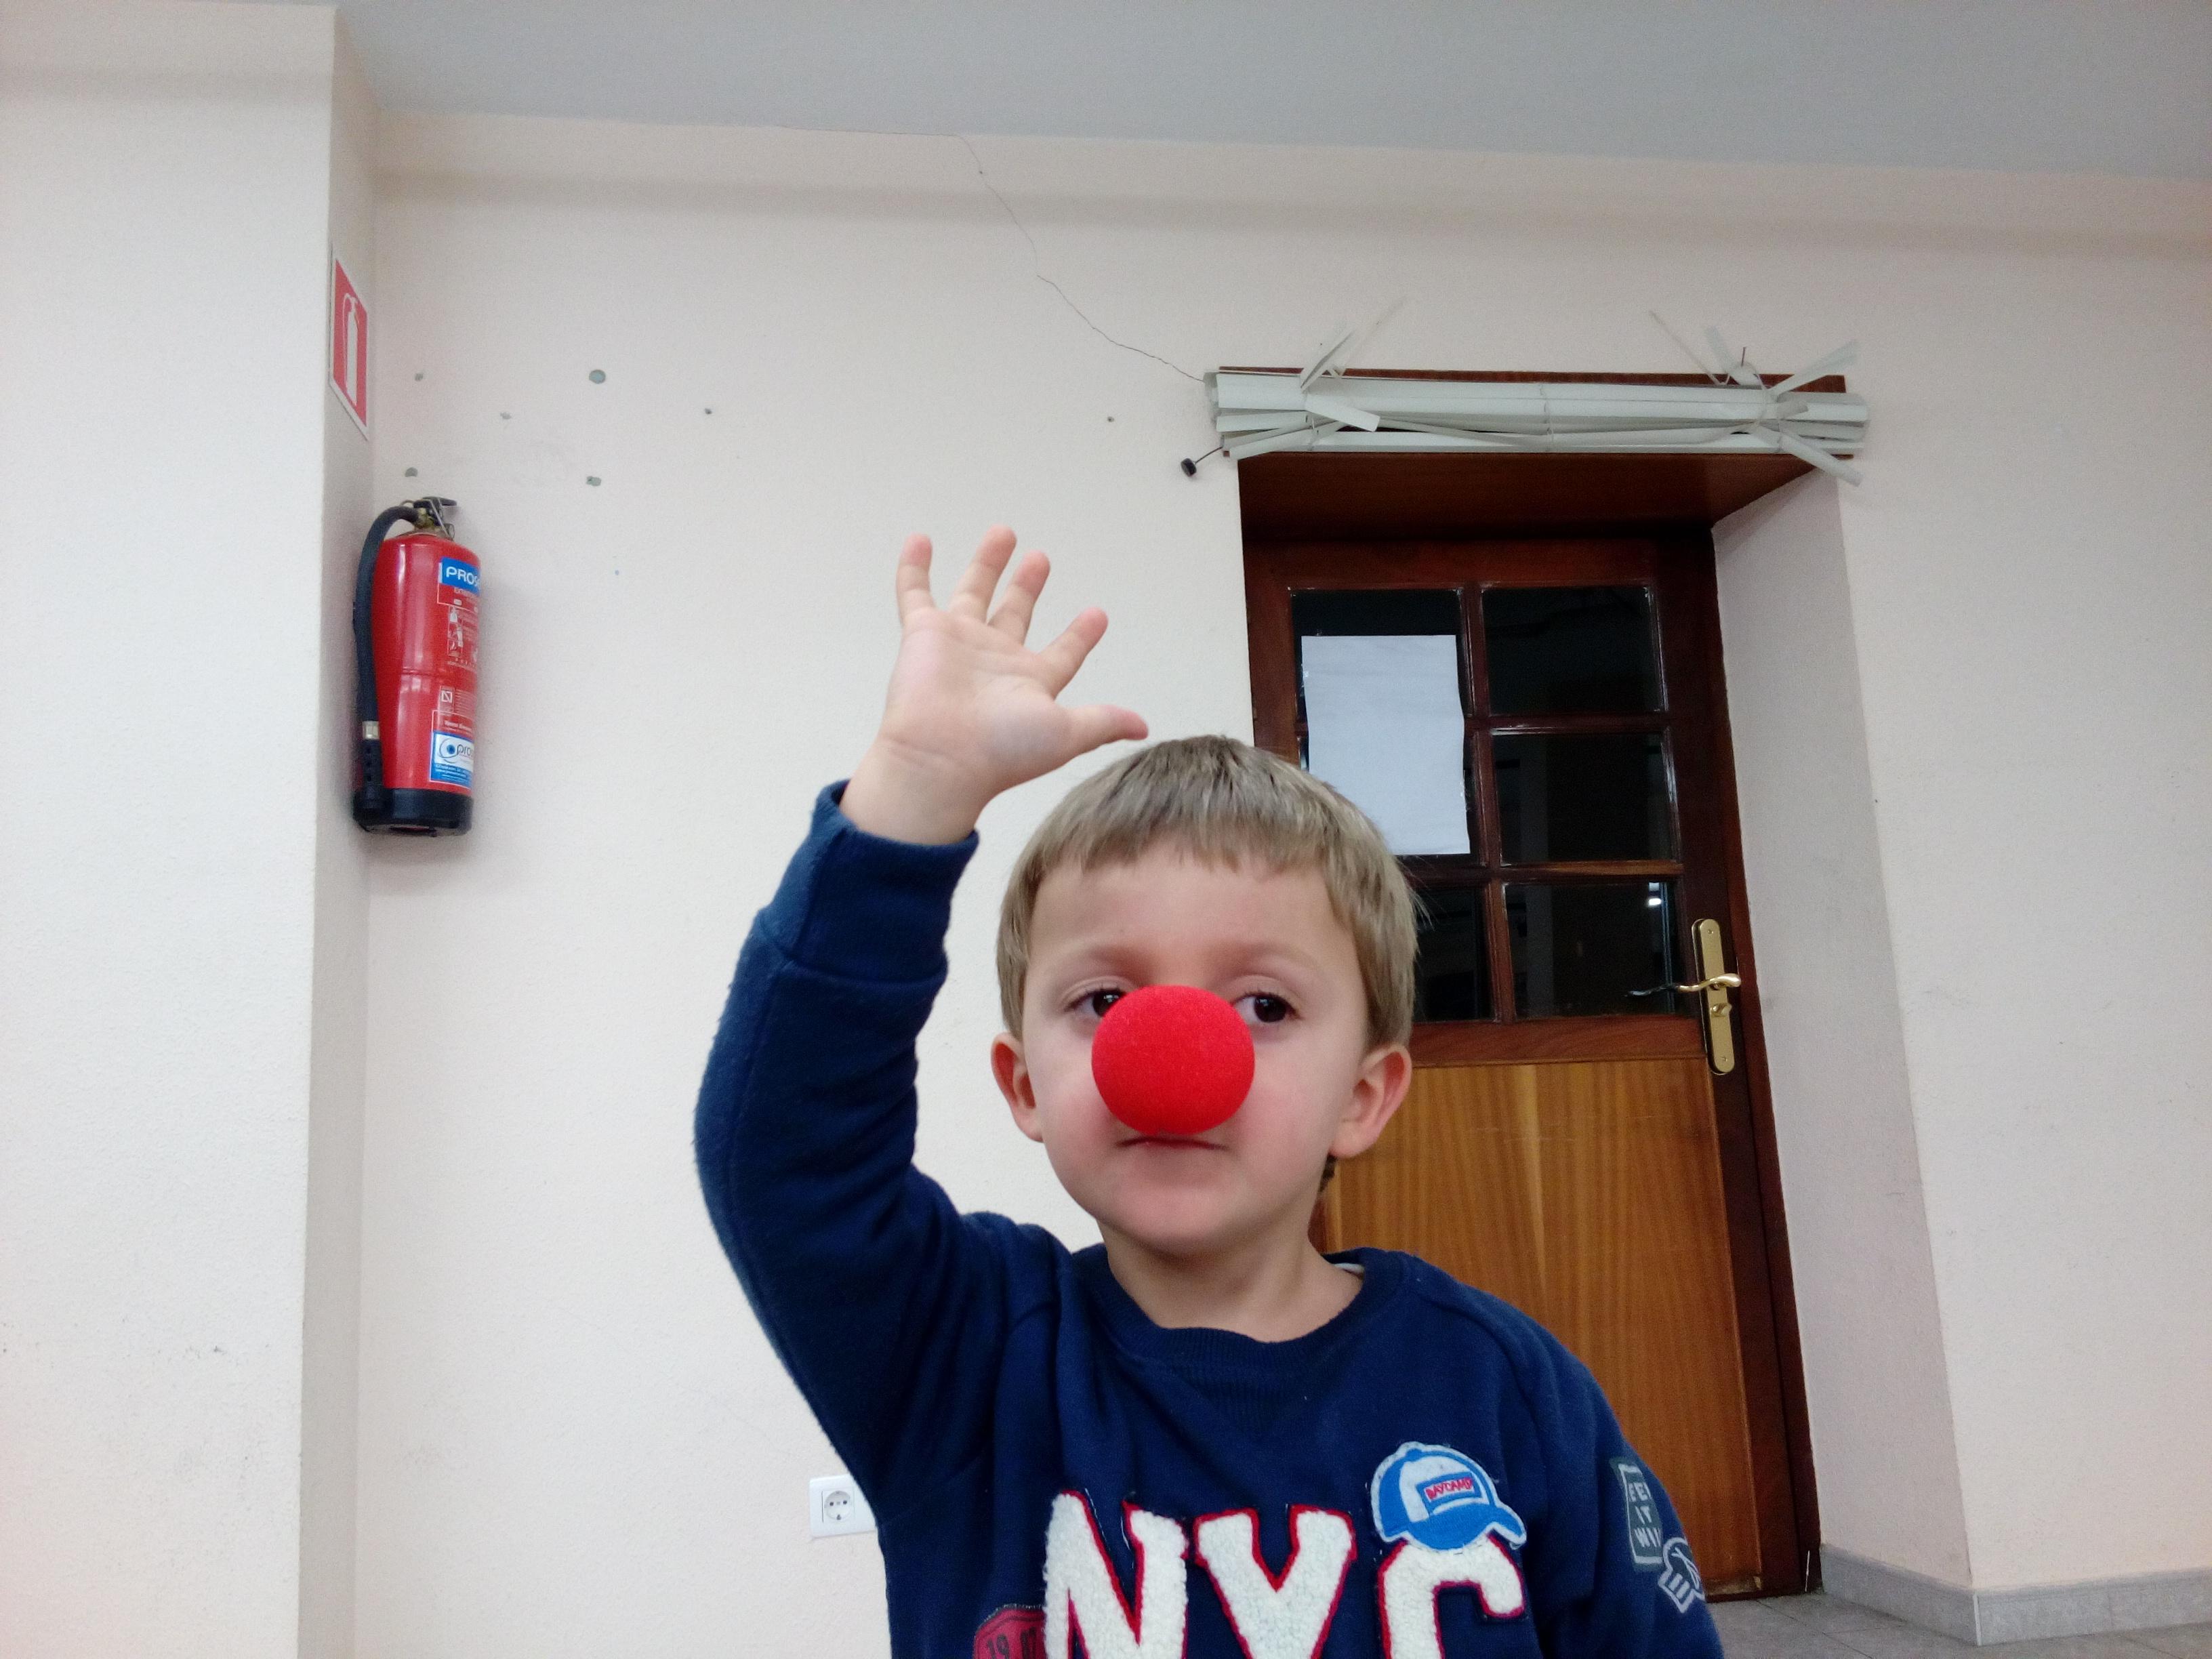 ¡¡6 de septiembre clase de circo infantil en Casa de cultura de Armintza!!